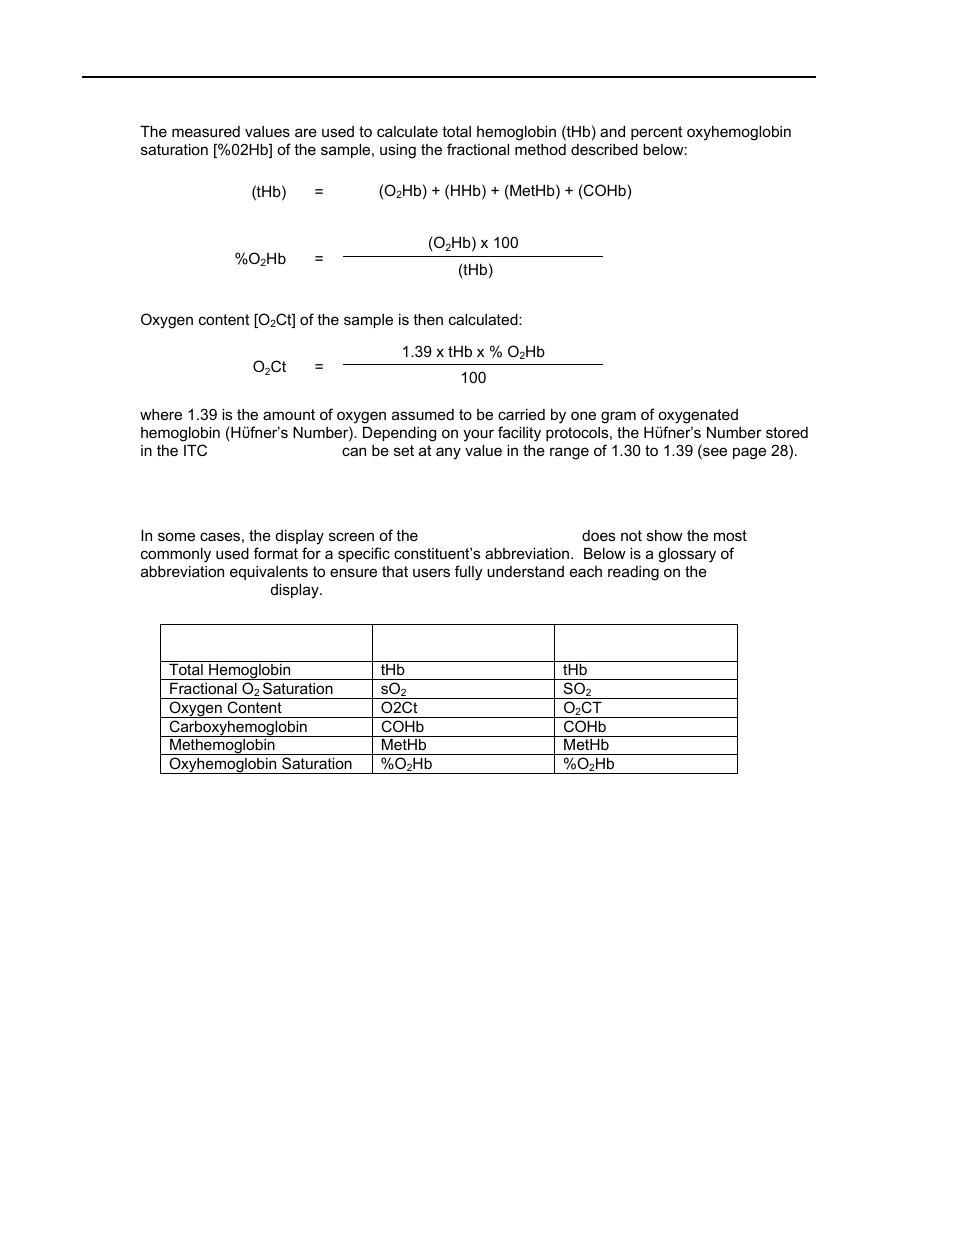 Glossary Of Abbreviation Equivalents